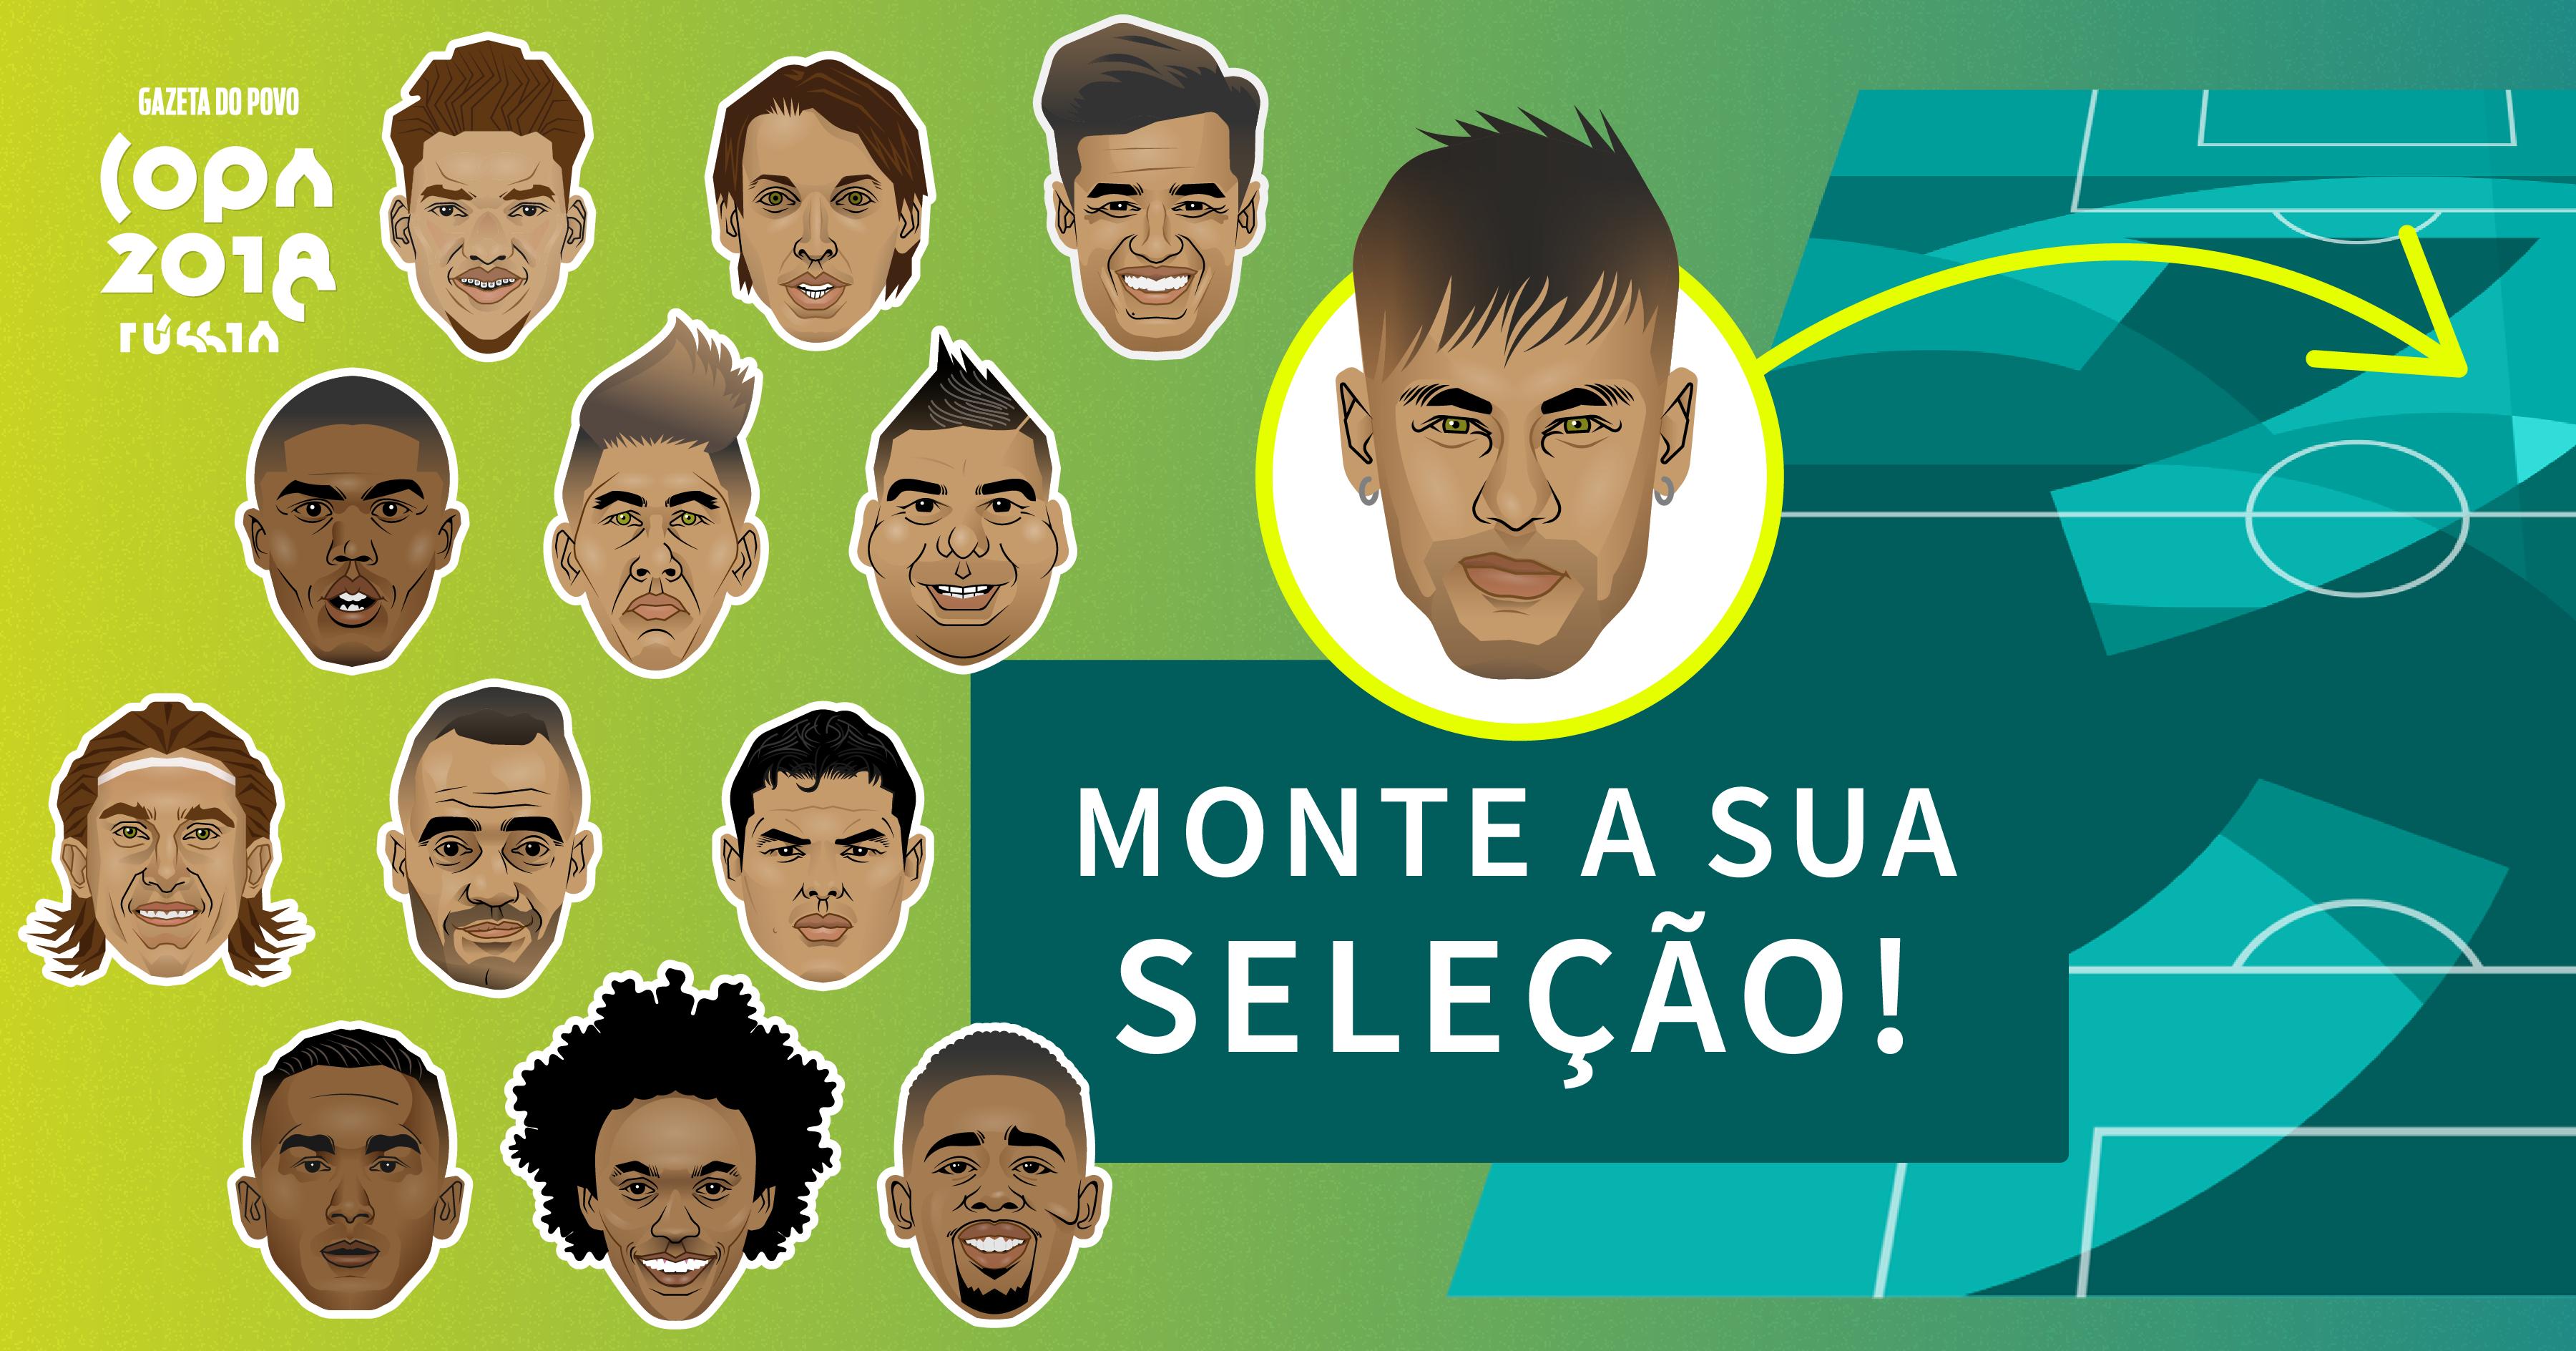 fc3e677f1 Monte a sua escalação com os convocados da Seleção Brasileira ...